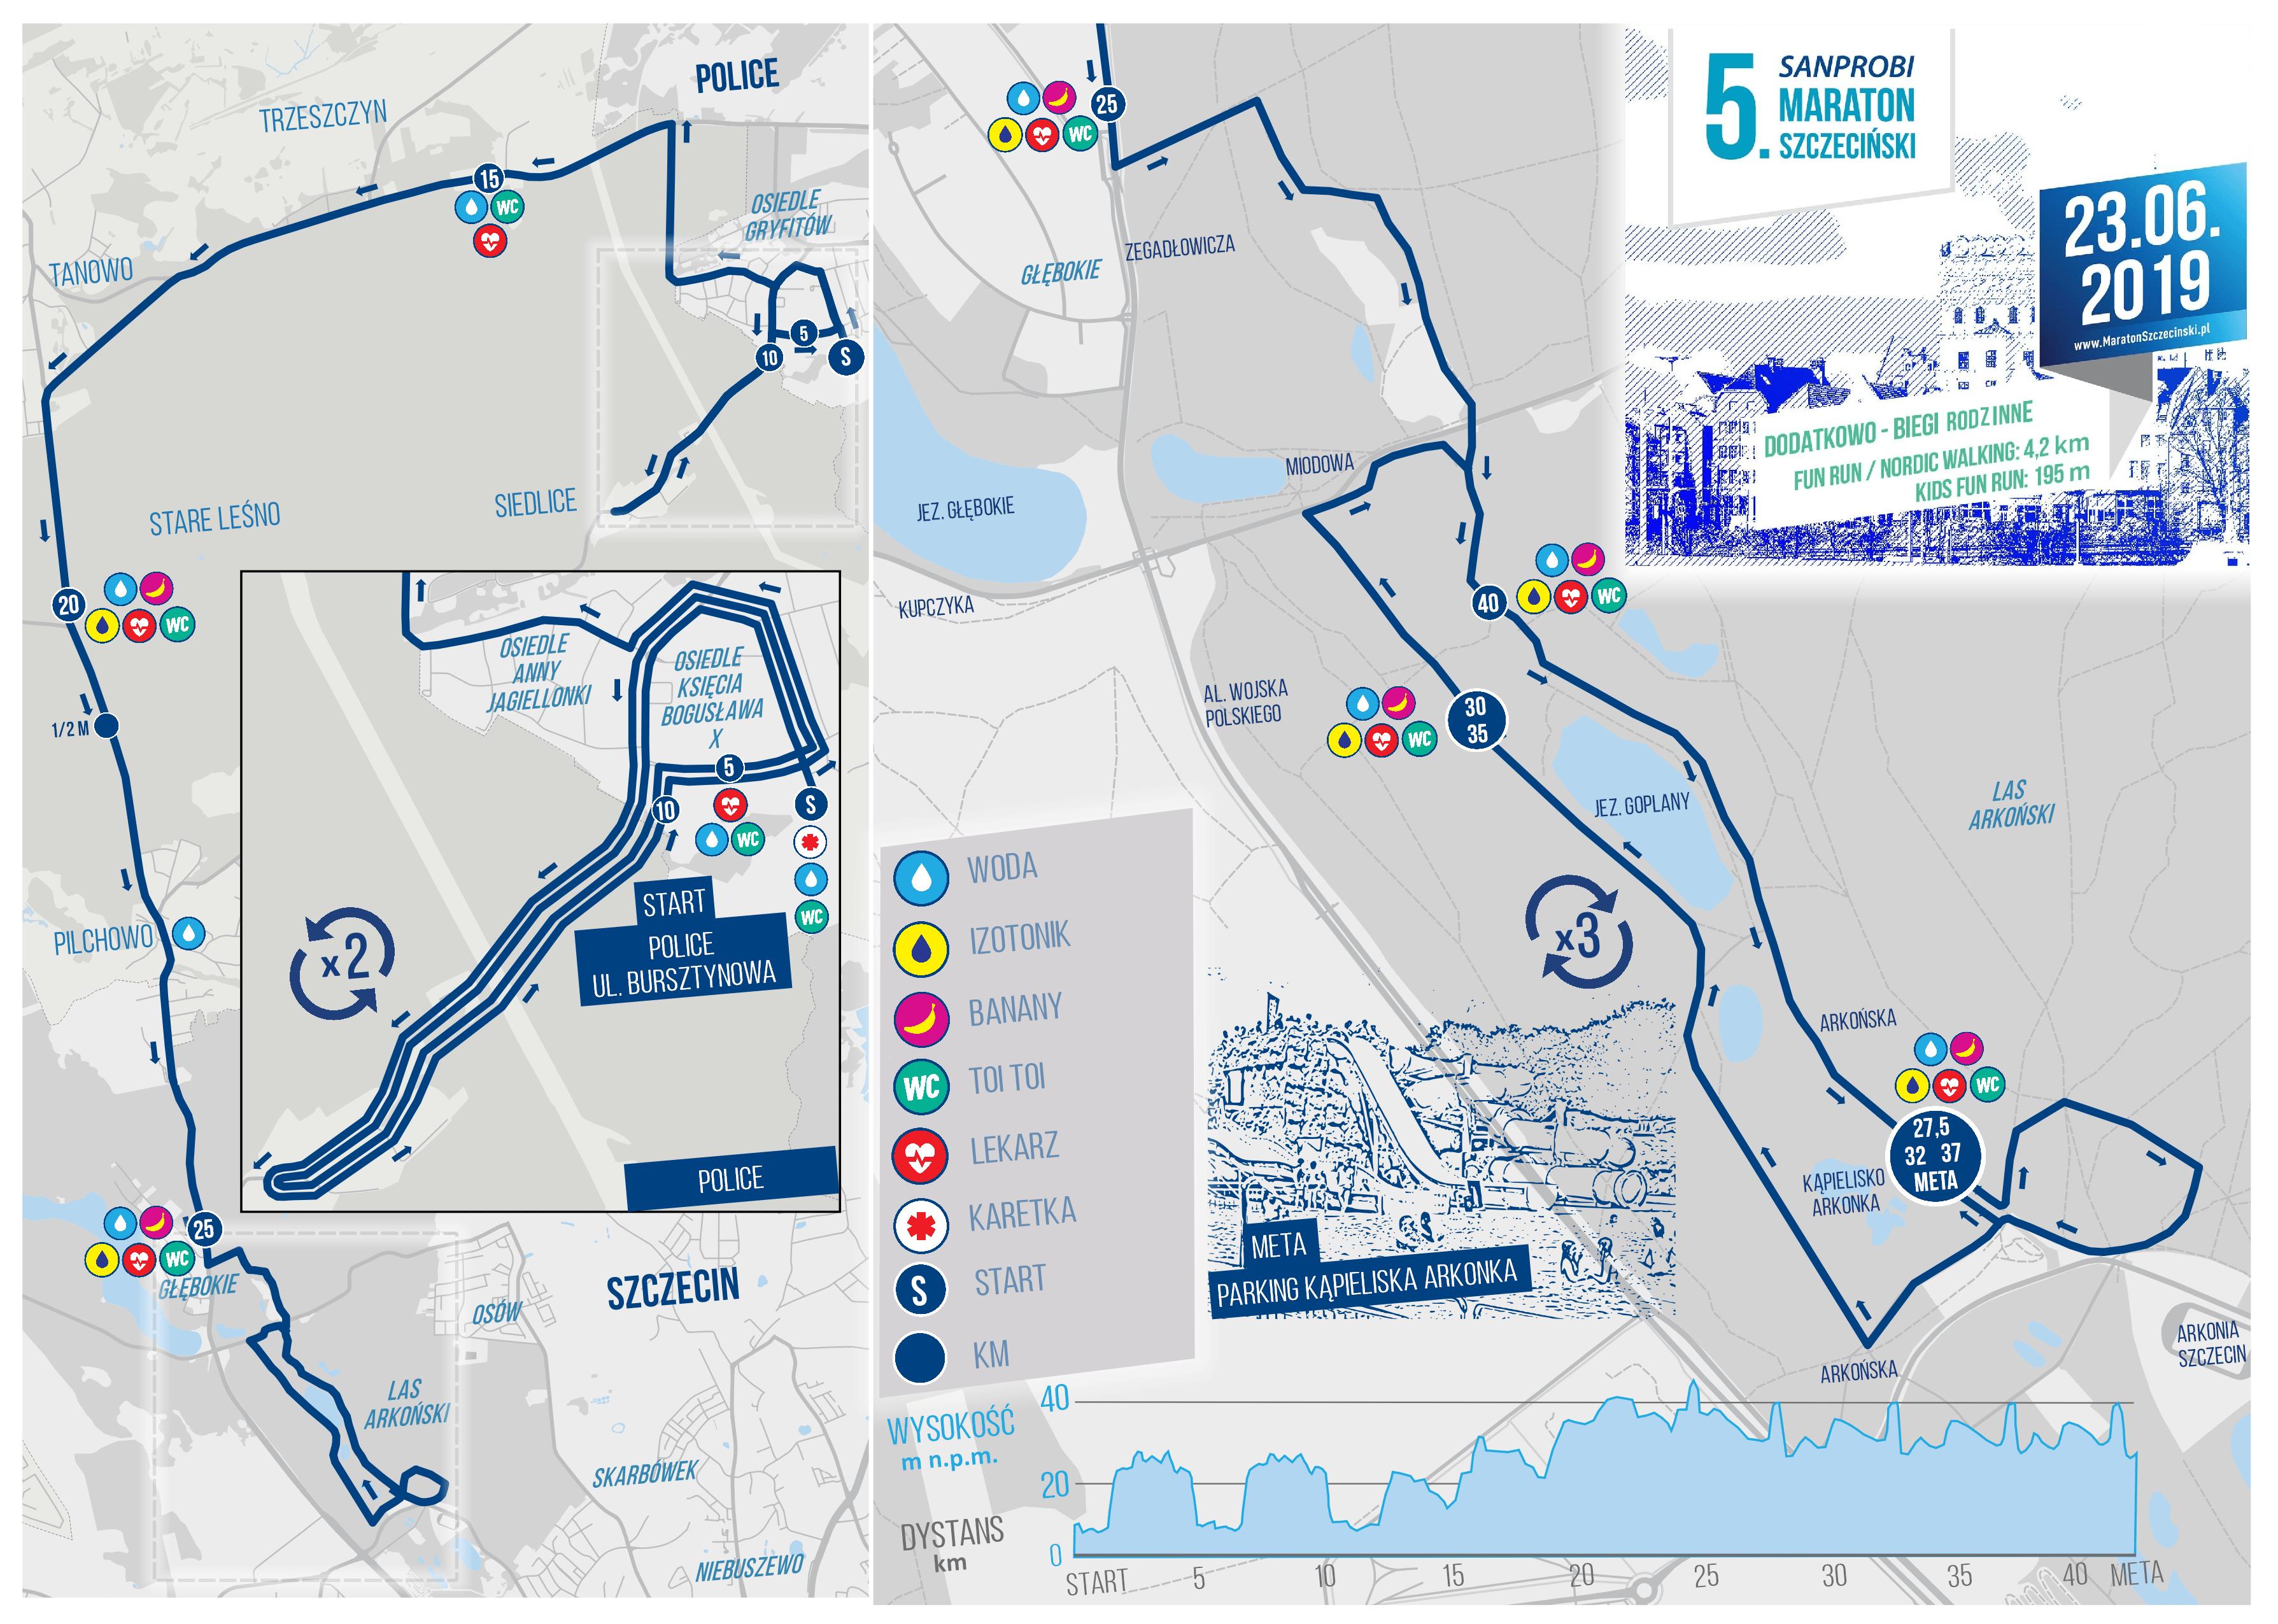 Mapa statyczna 5. Sanprobi Maraton Szczecin (on-line)